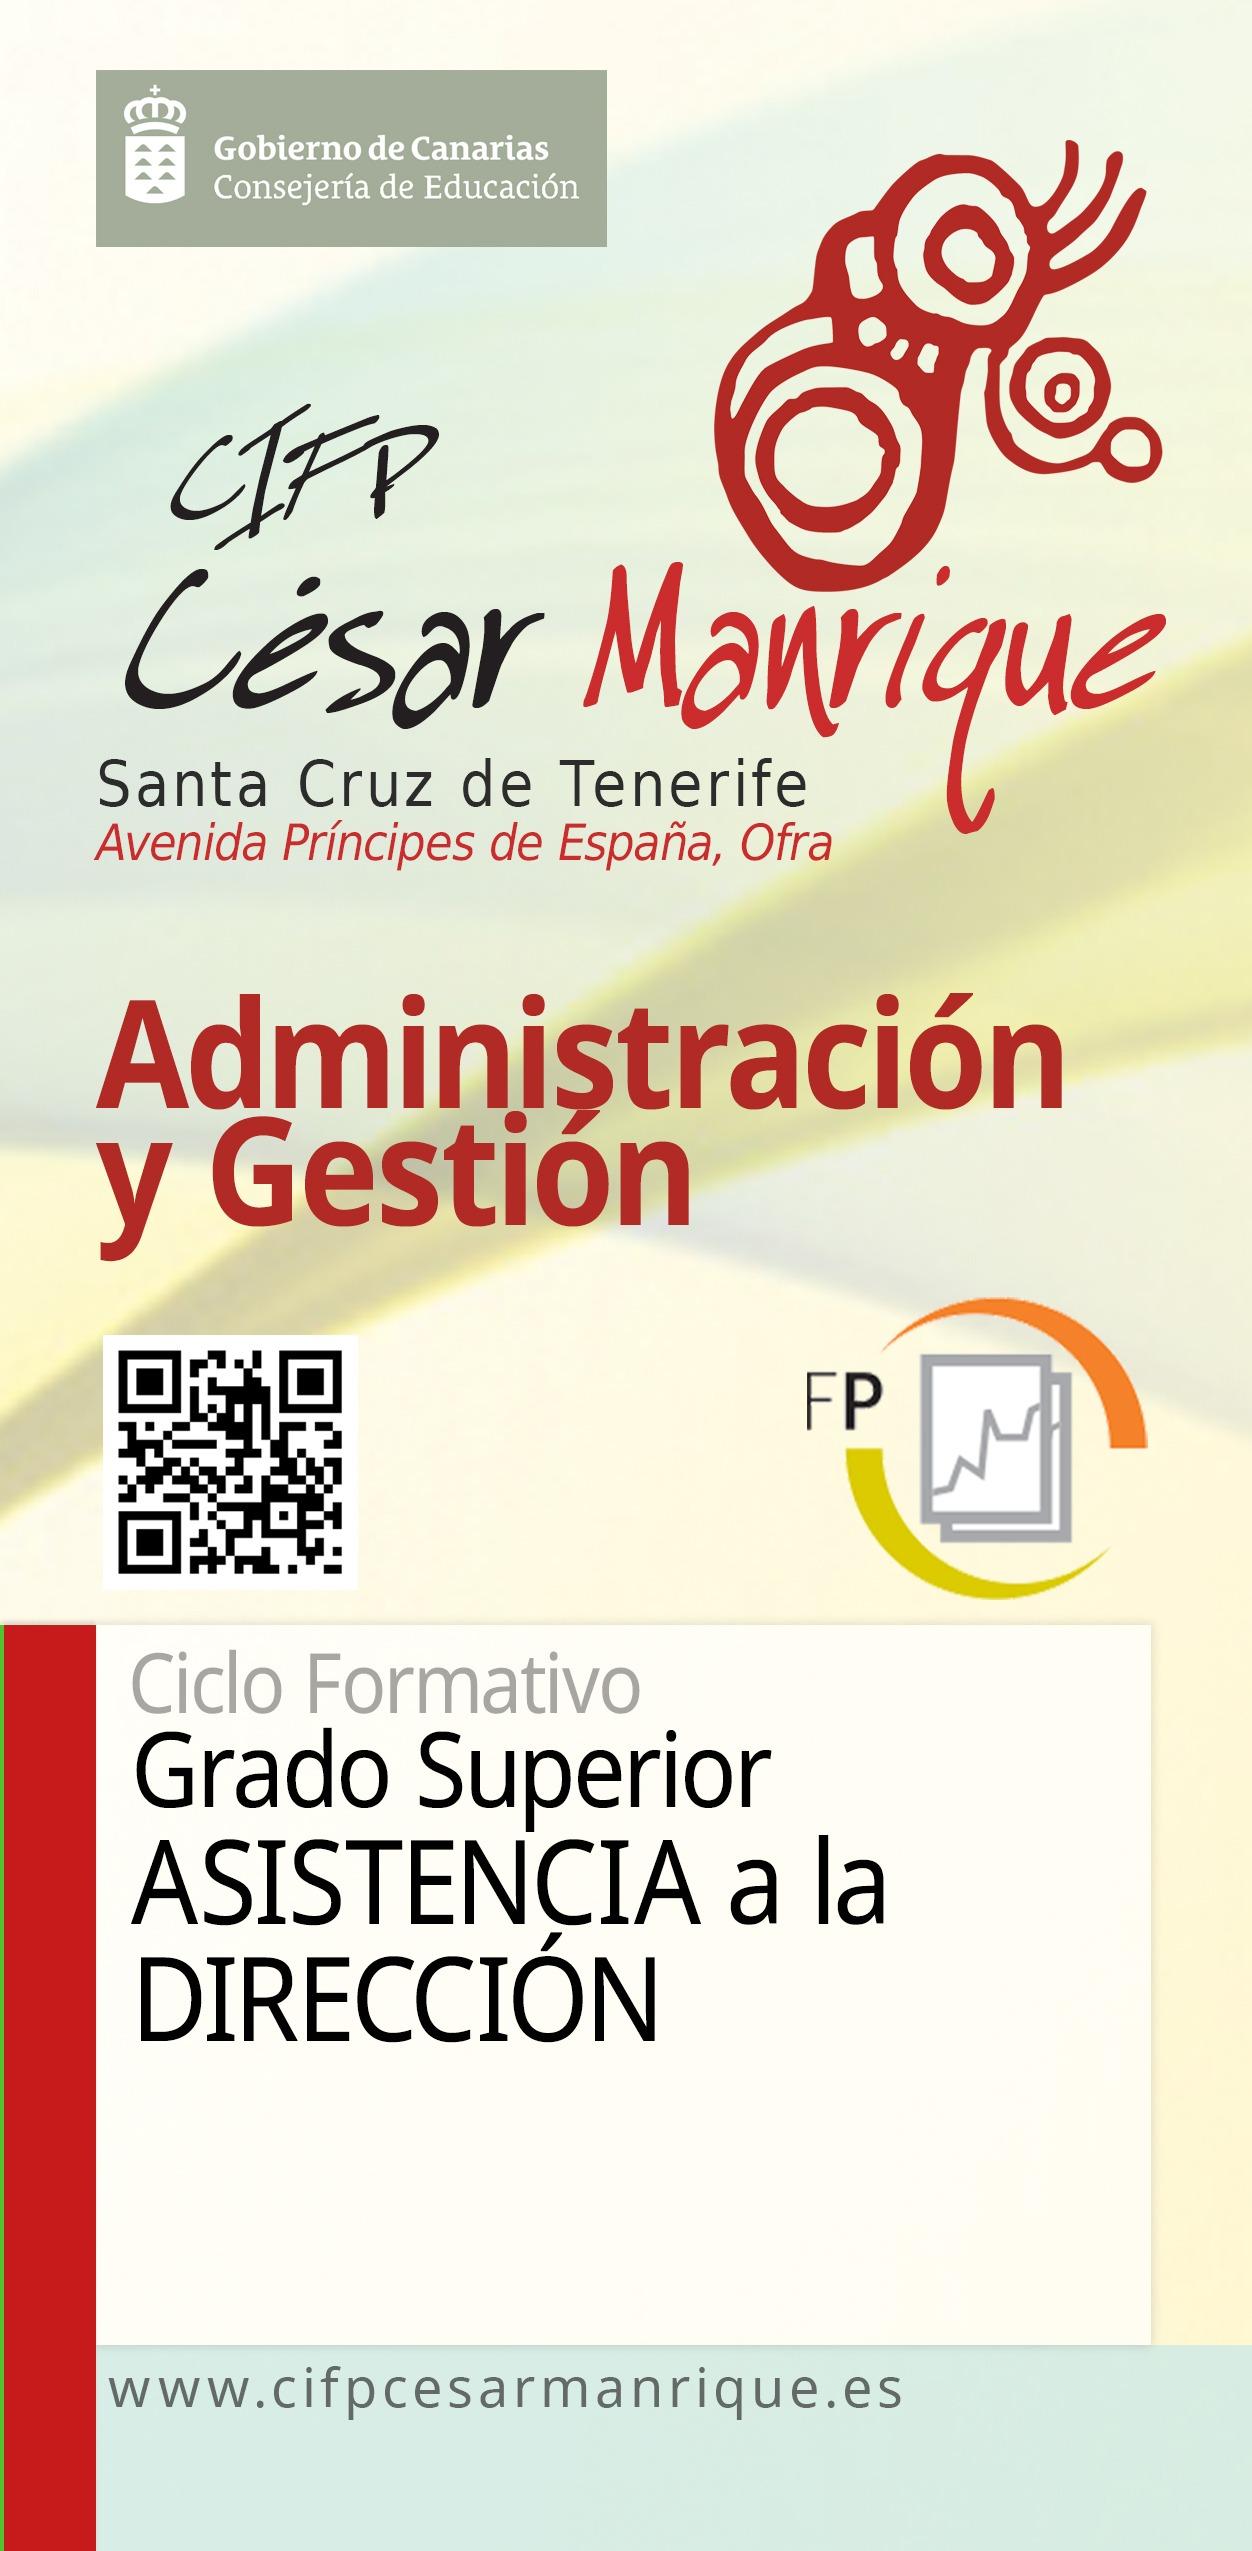 Grado Superior Asistencia a la Dirección